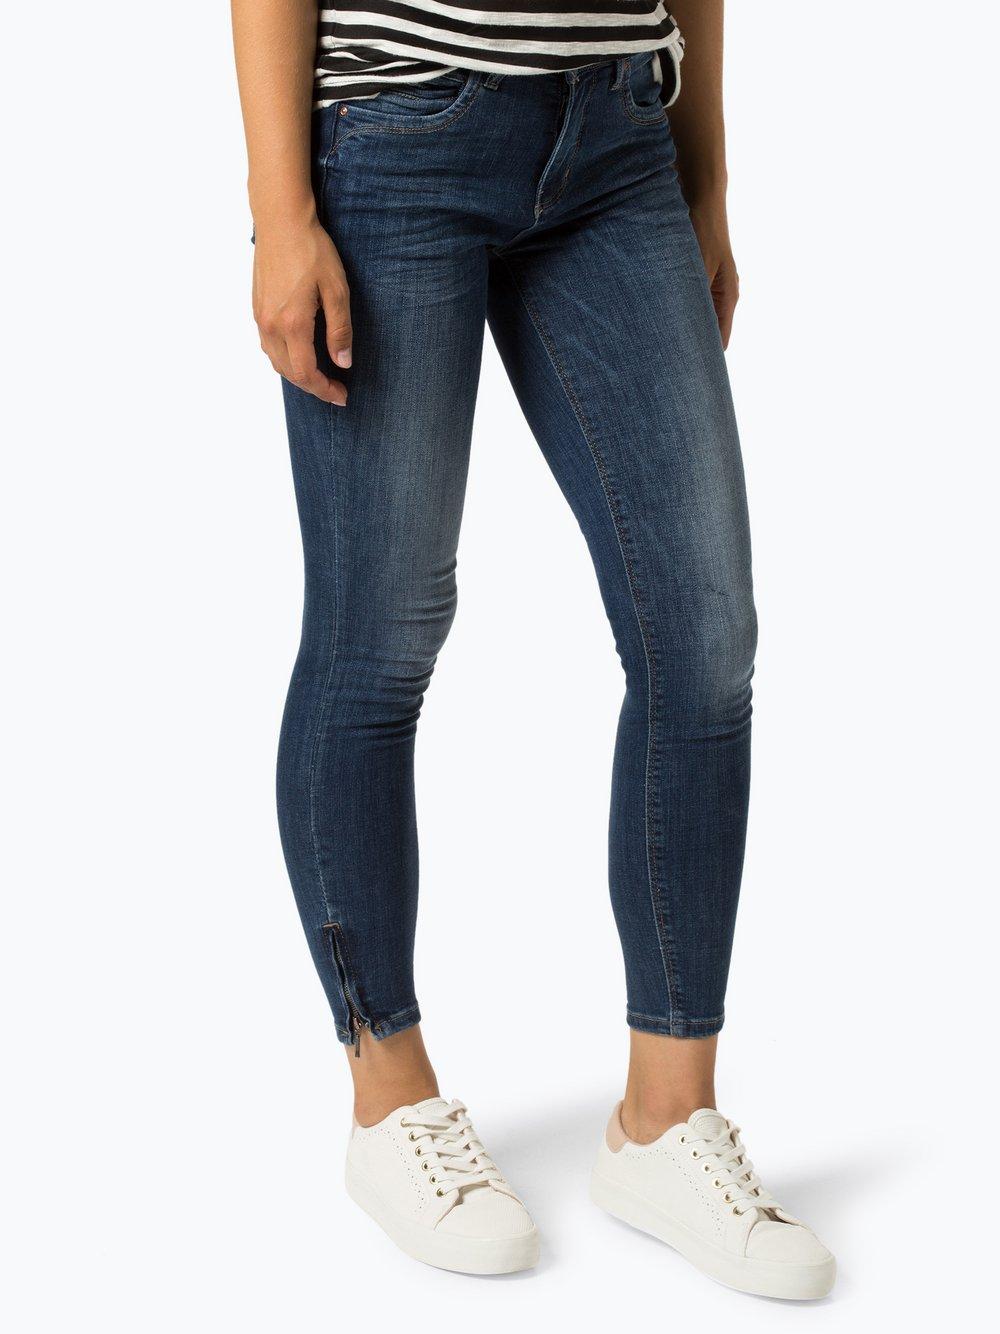 Tiefstpreis große Sammlung weltweit verkauft ONLY Damen Jeans - Kendell online kaufen | PEEK-UND-CLOPPENBURG.DE